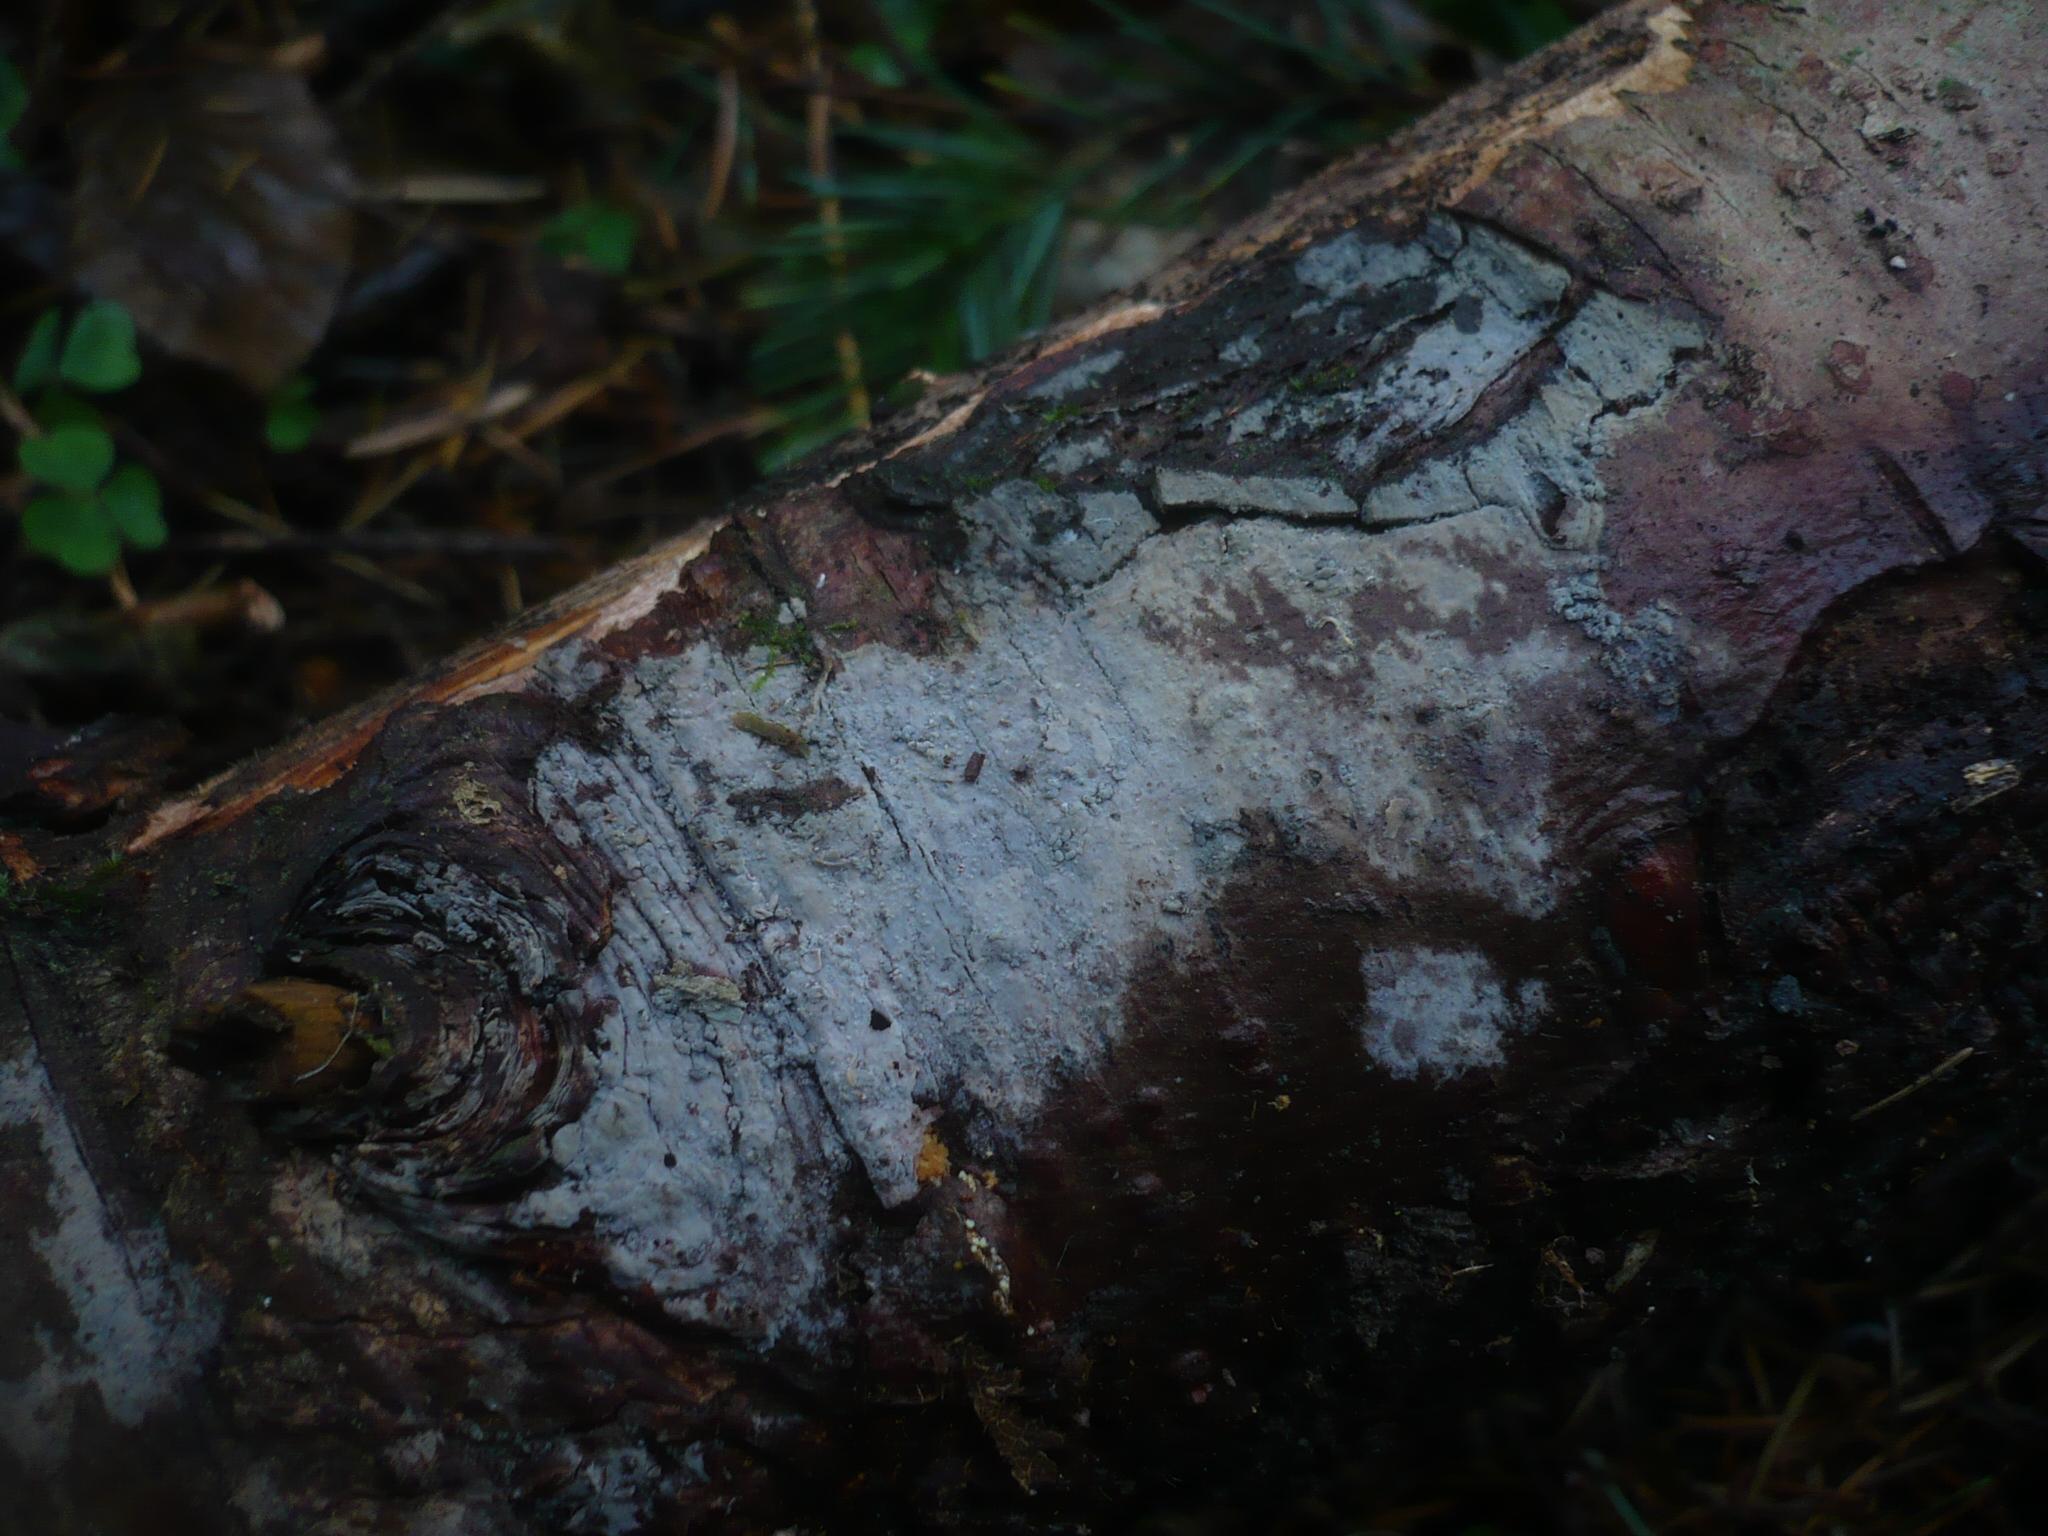 Pseudoxenasma verrucisporum image